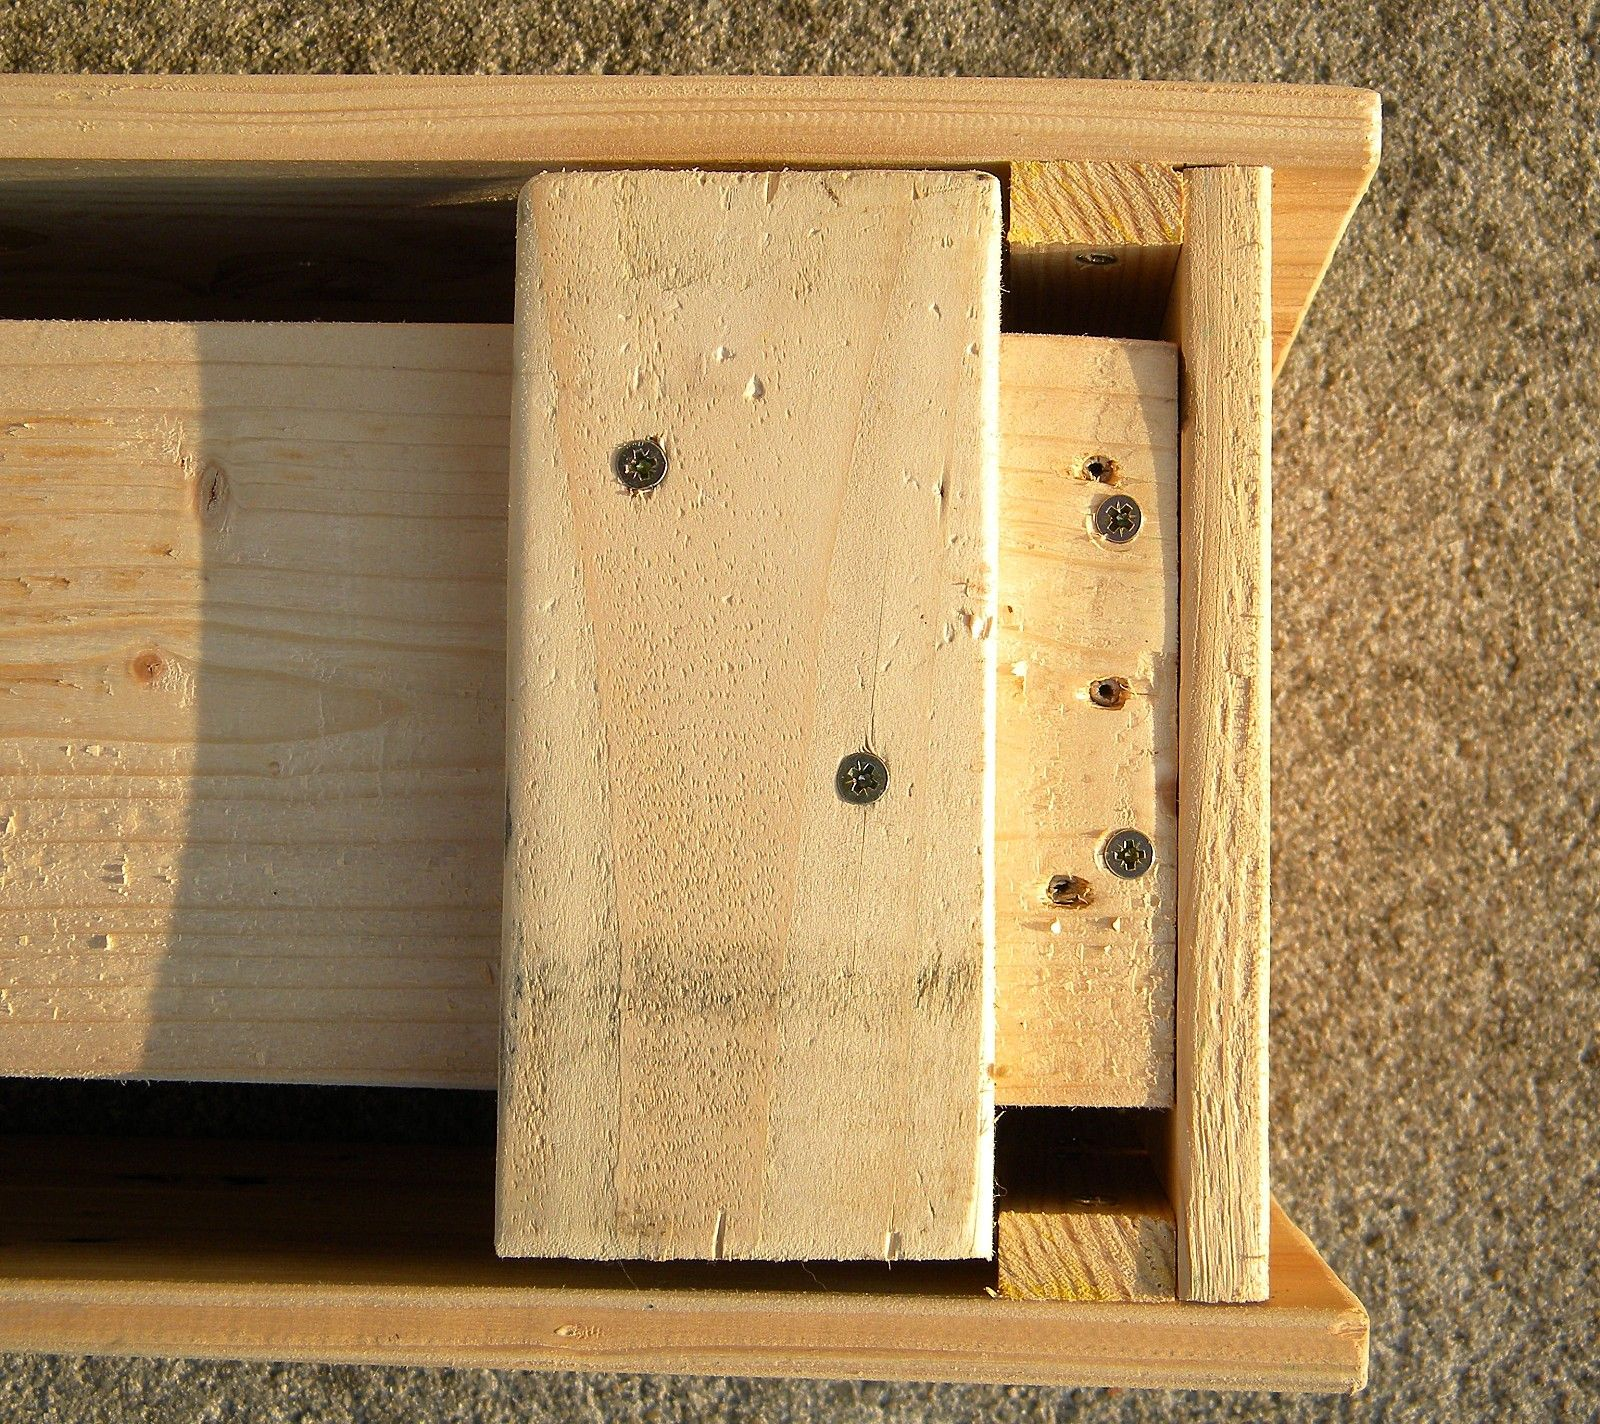 fabrication dune jardinire avec une palette en bois article notredeco - Fabriquer Jardiniere Avec Palettes